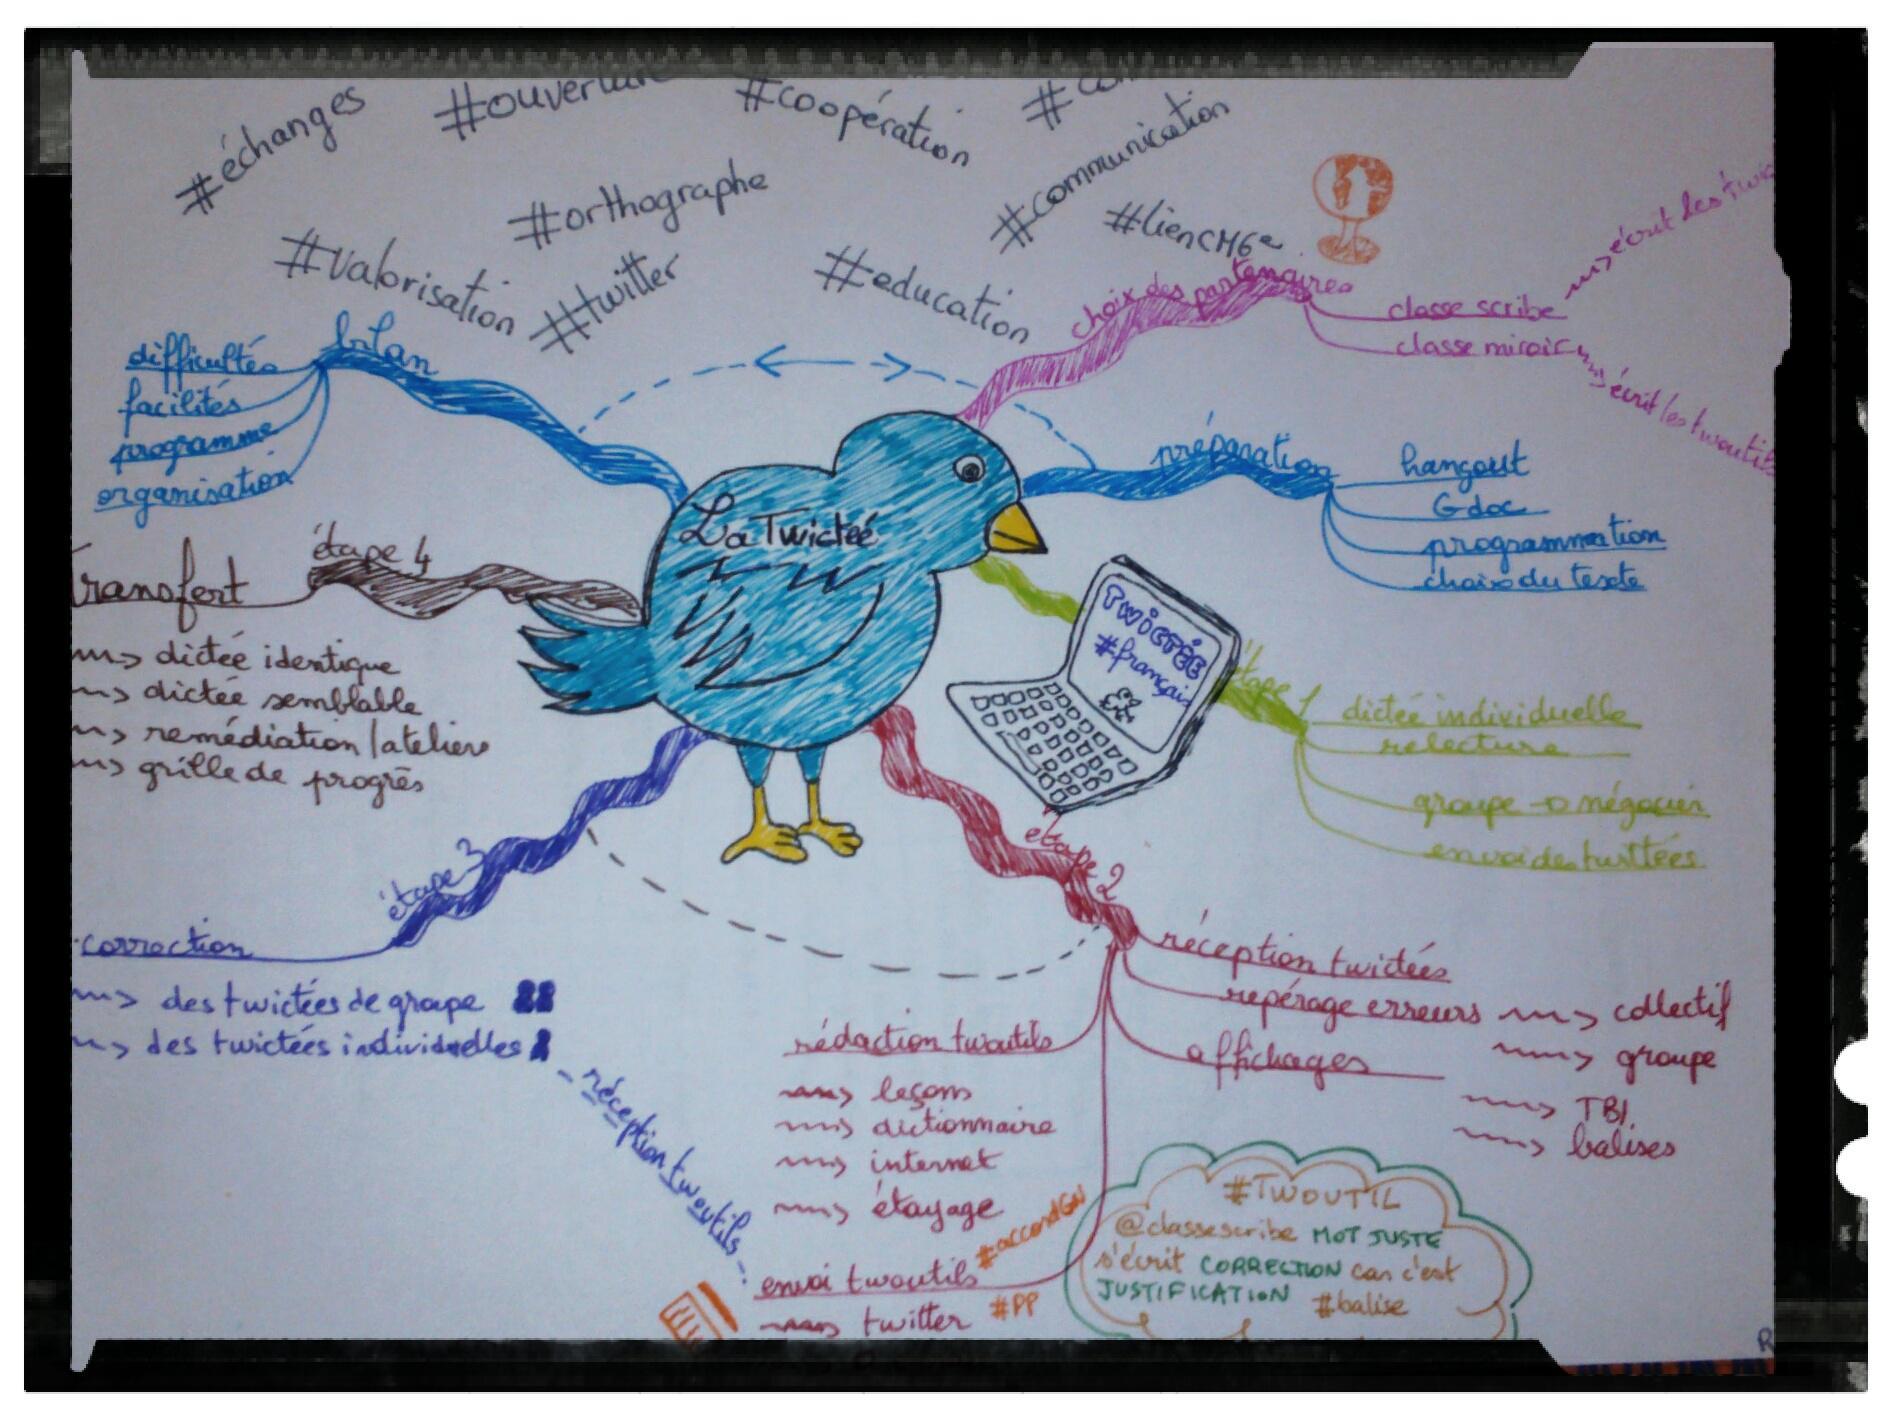 RT @Romypartage: @TwicteeOfficiel et les autres ;) une petite carte mentale sur la #twictée, griffonnée hier. Oublis? Erreurs? Avis ? http://t.co/pfKQTv3PXk